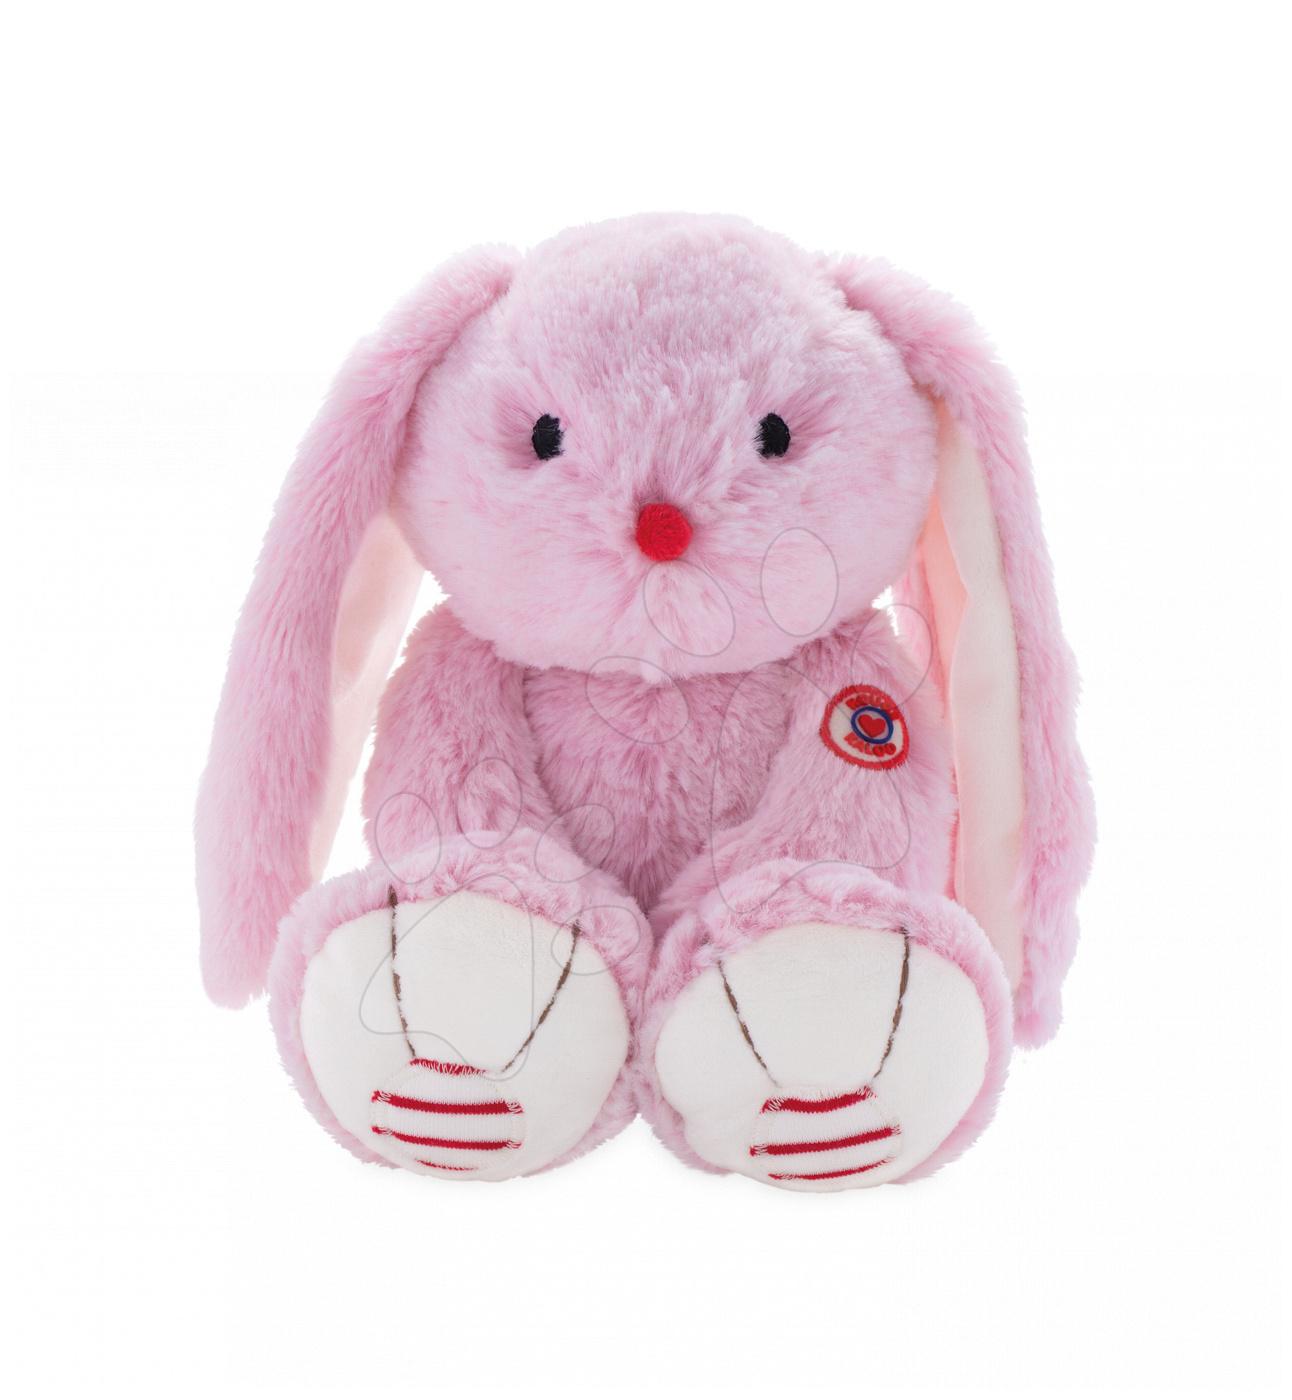 Plyšový zajíc Rouge Kaloo Small 13 cm z jemného plyše pro nejmenší děti růžovo-krémový